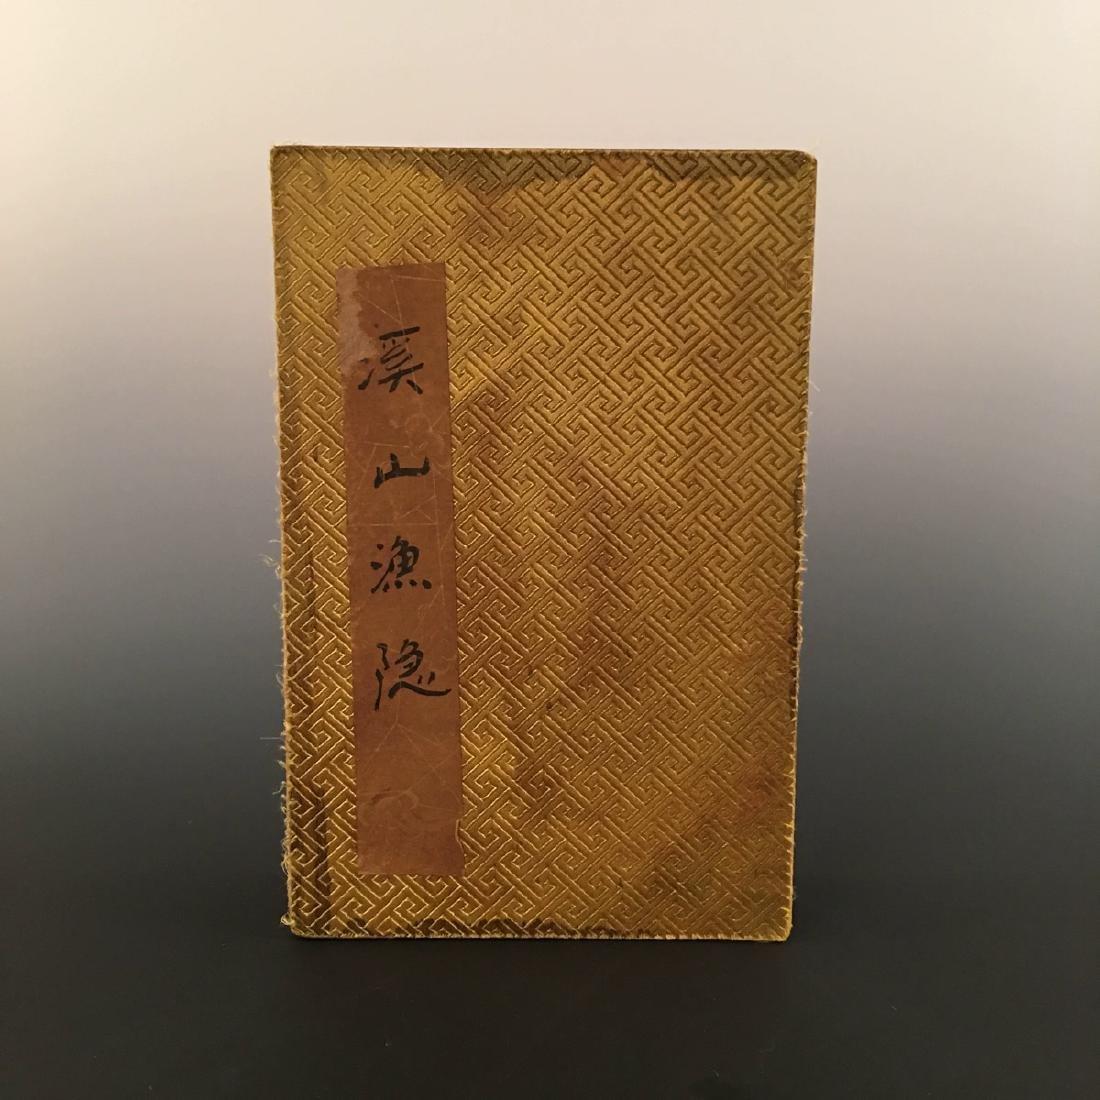 """Chinese Folding Album of Painting Of """"Xi Shan Yu Yin"""""""